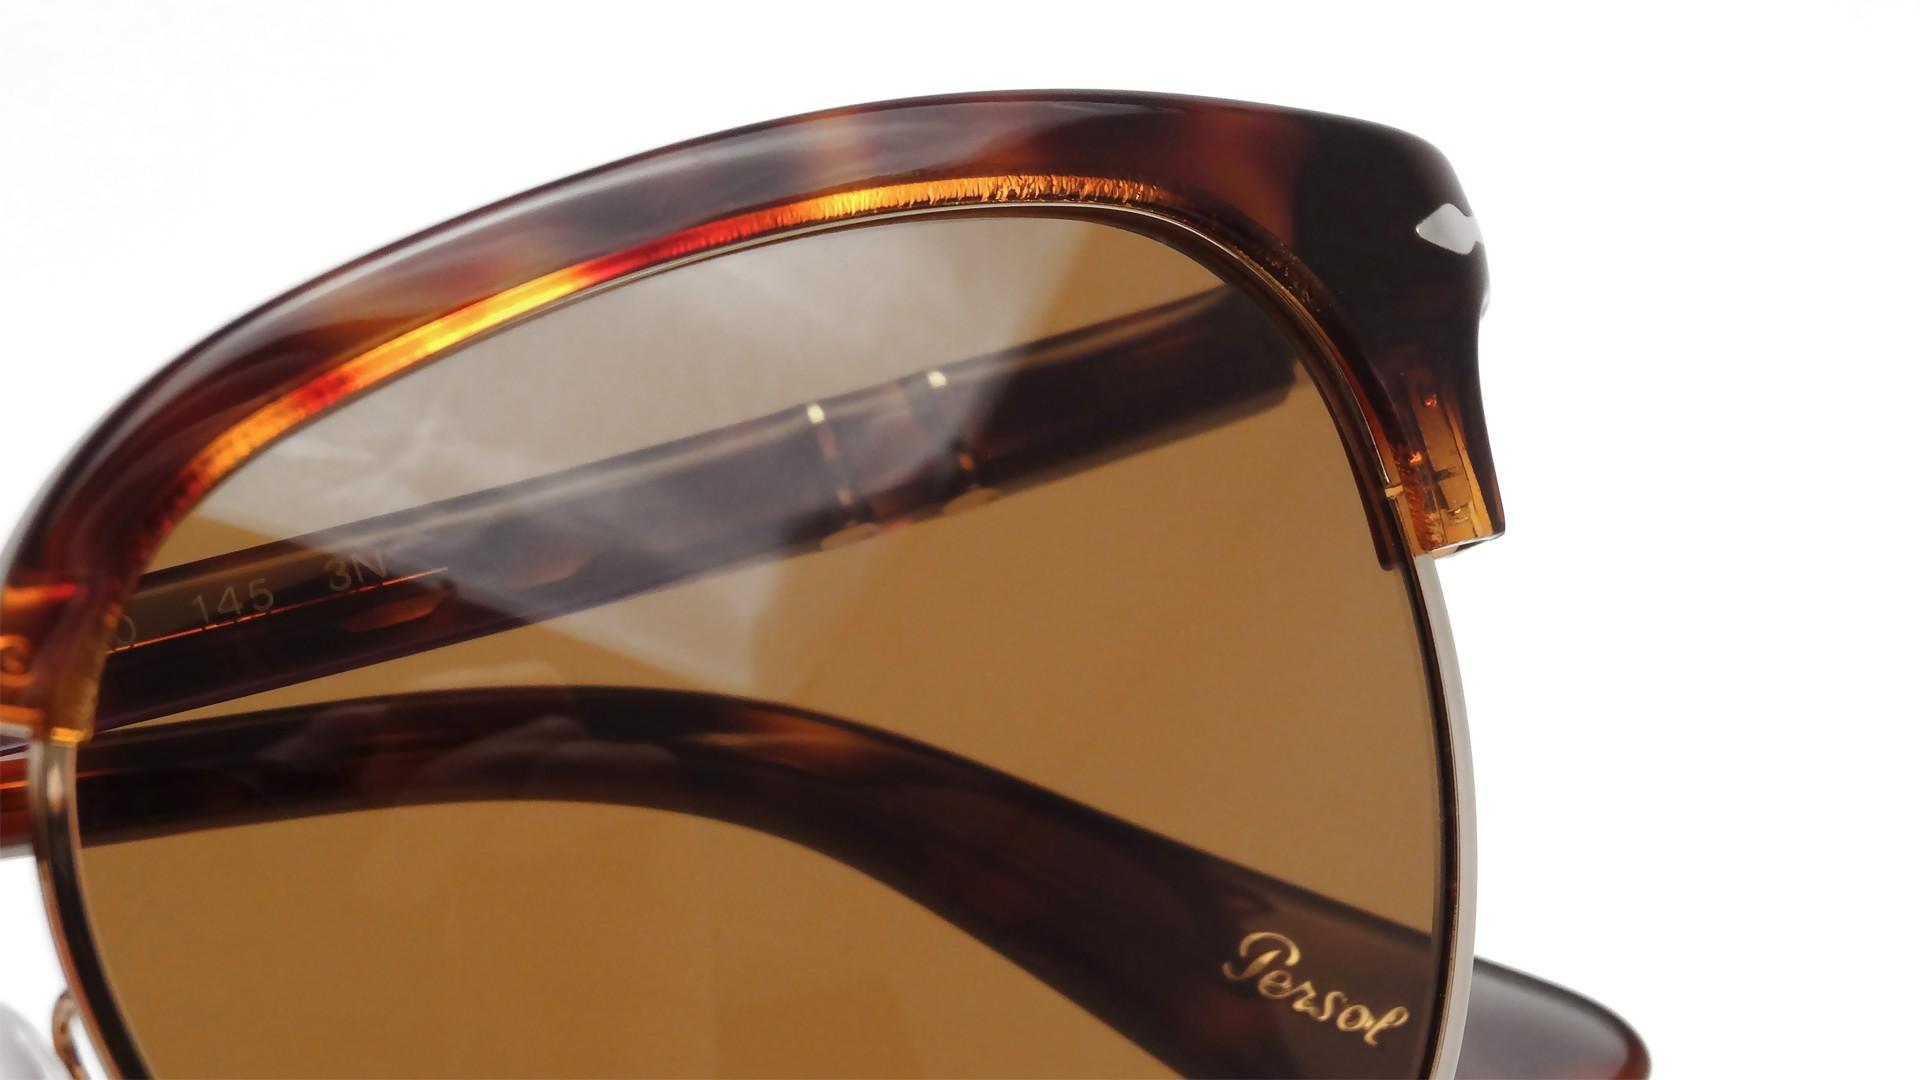 370f8b43eccf0 Persol Cellor Series Havane Tortoise PO3105S 24 33 51-20